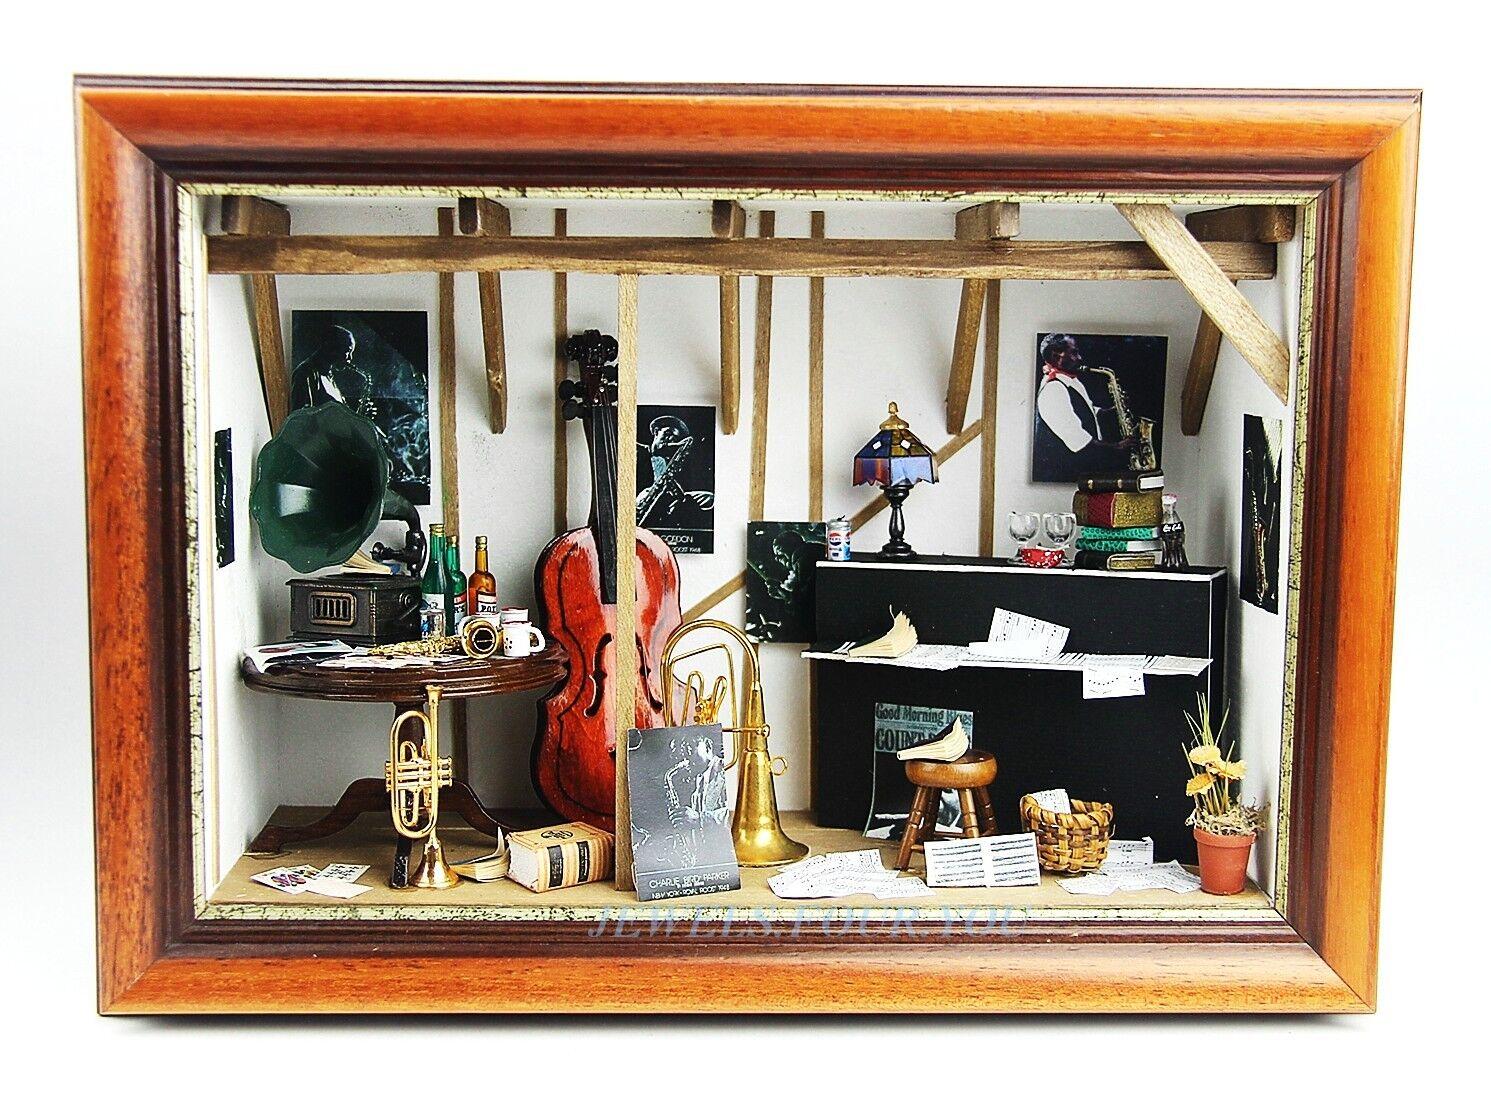 Raro Y Único Jazz Música Habitación Parosso Diorama piano saxofón contrabajo gramófono